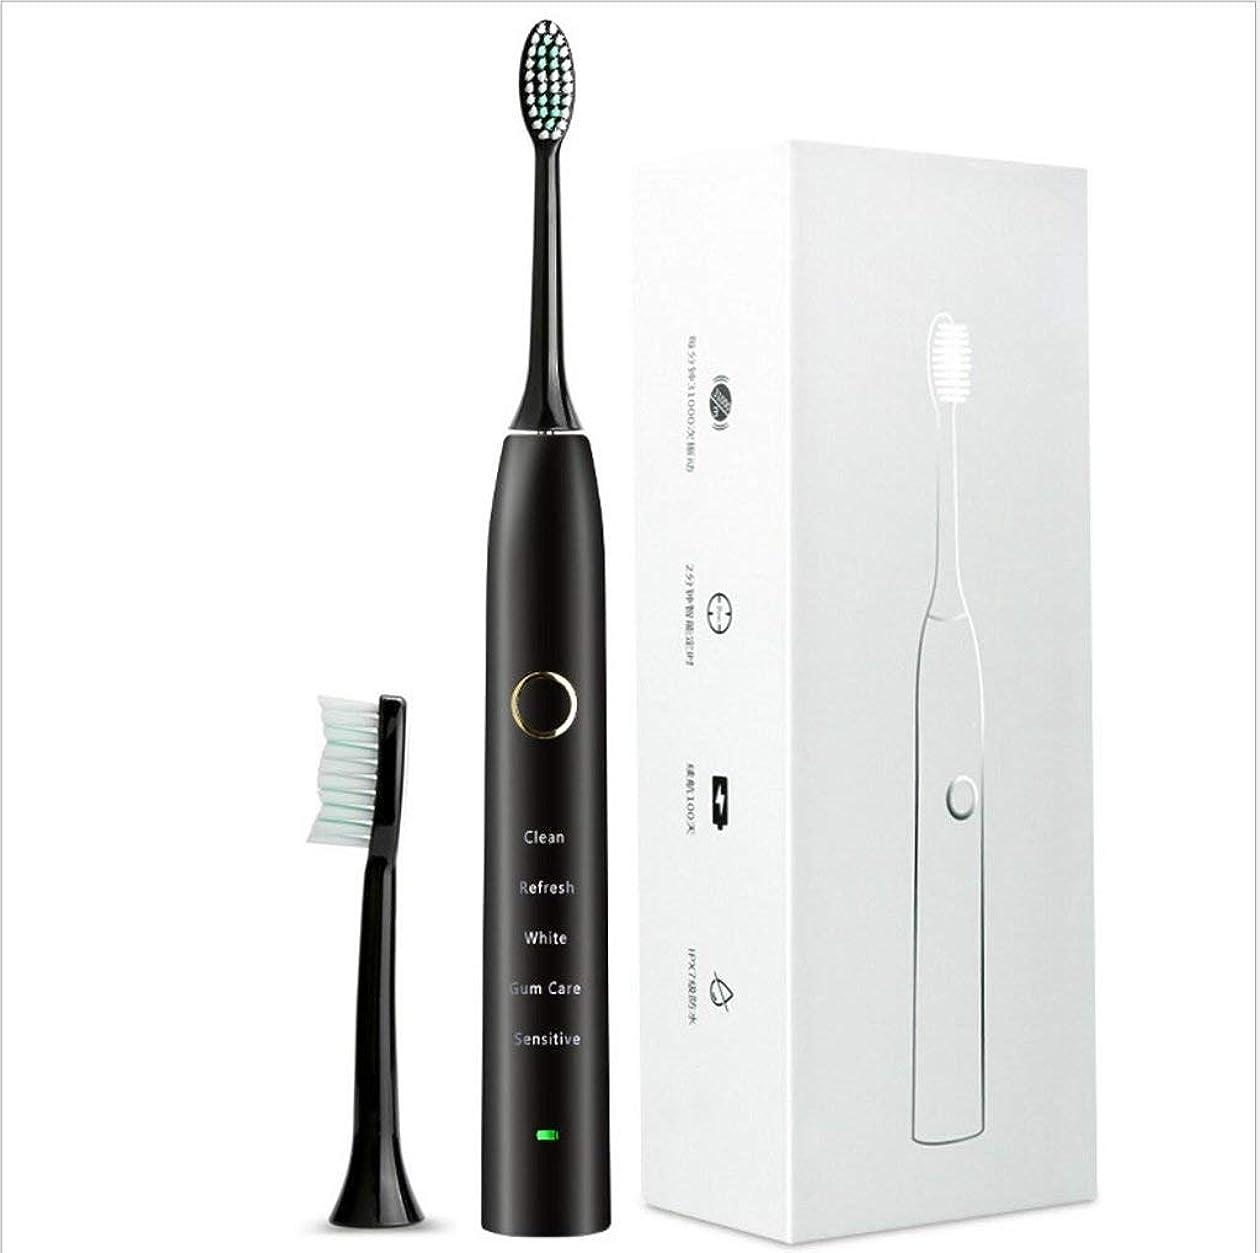 代理人実施する宣言する電動歯ブラシUSB充電100日間持続1回使用防水完全洗浄可能5オプションモード2交換ヘッド